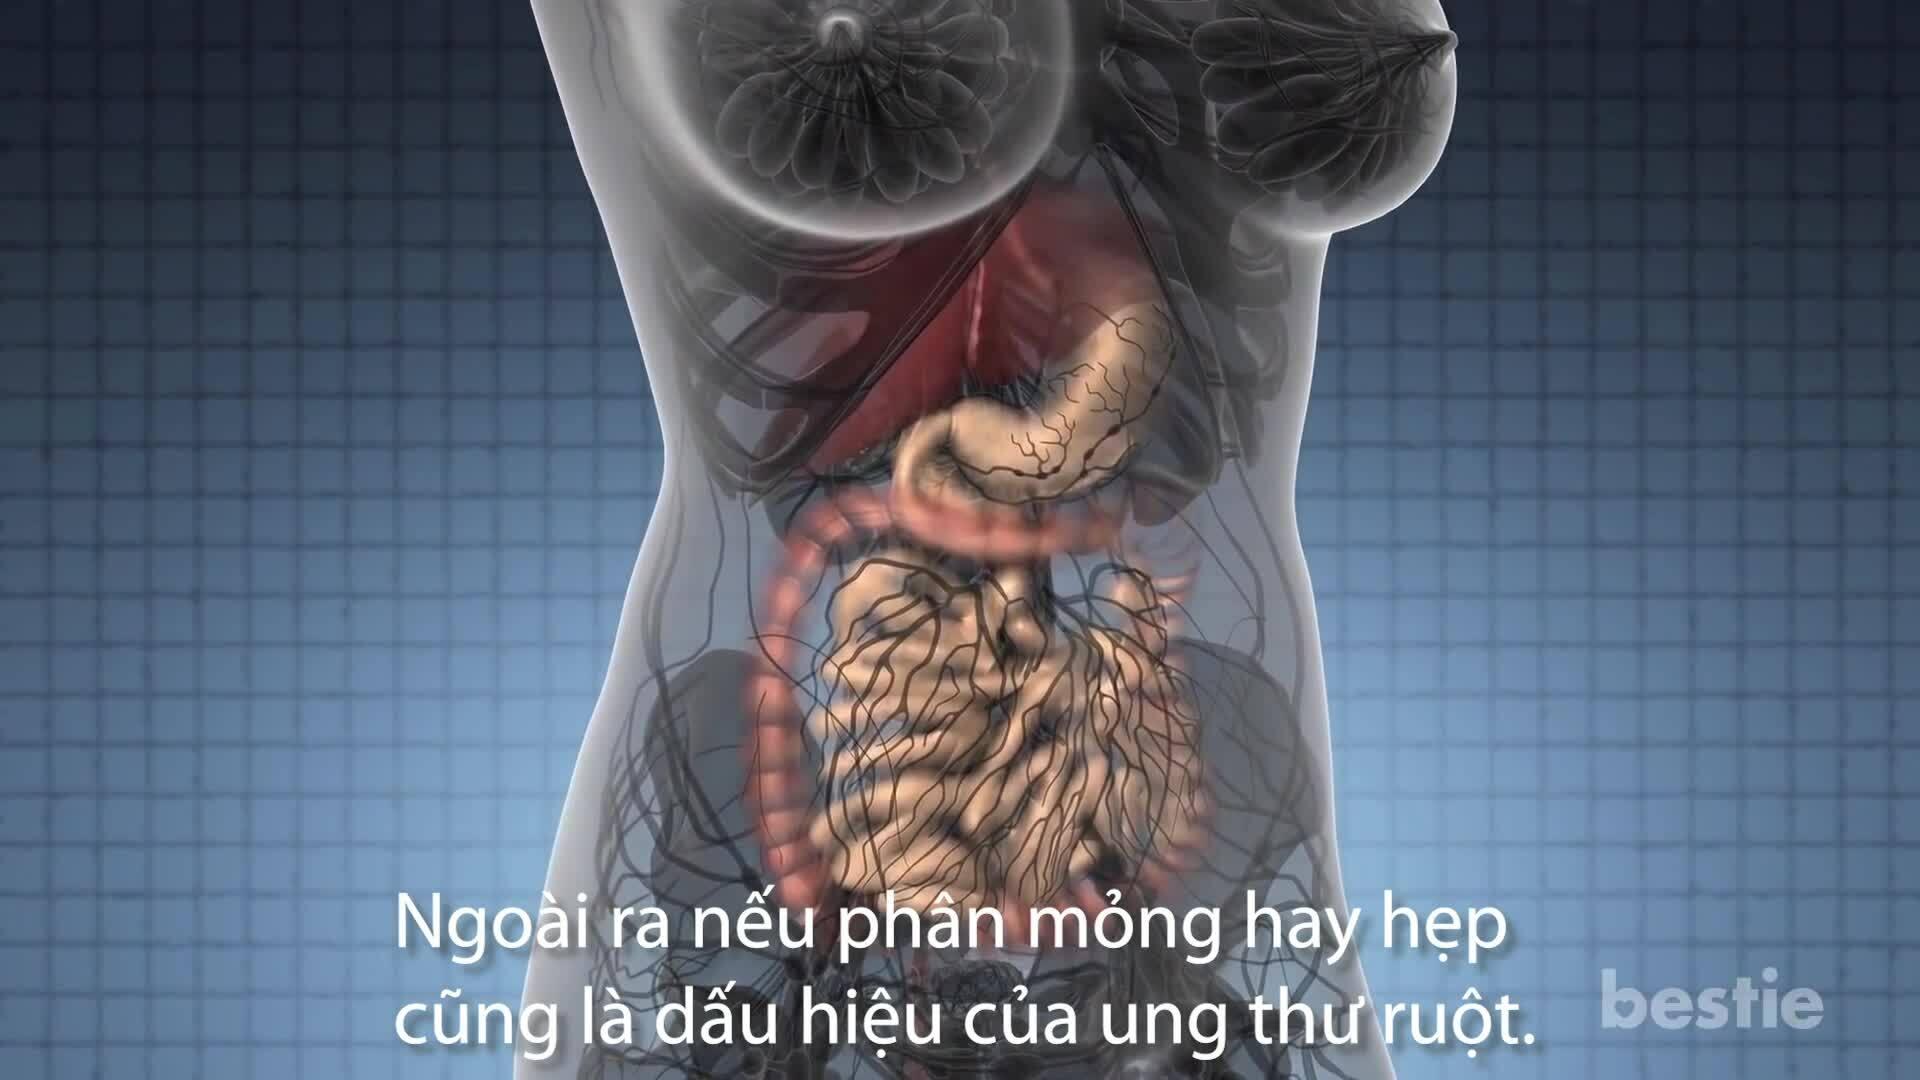 Những dấu hiệu sớm cảnh báo ung thư ruột